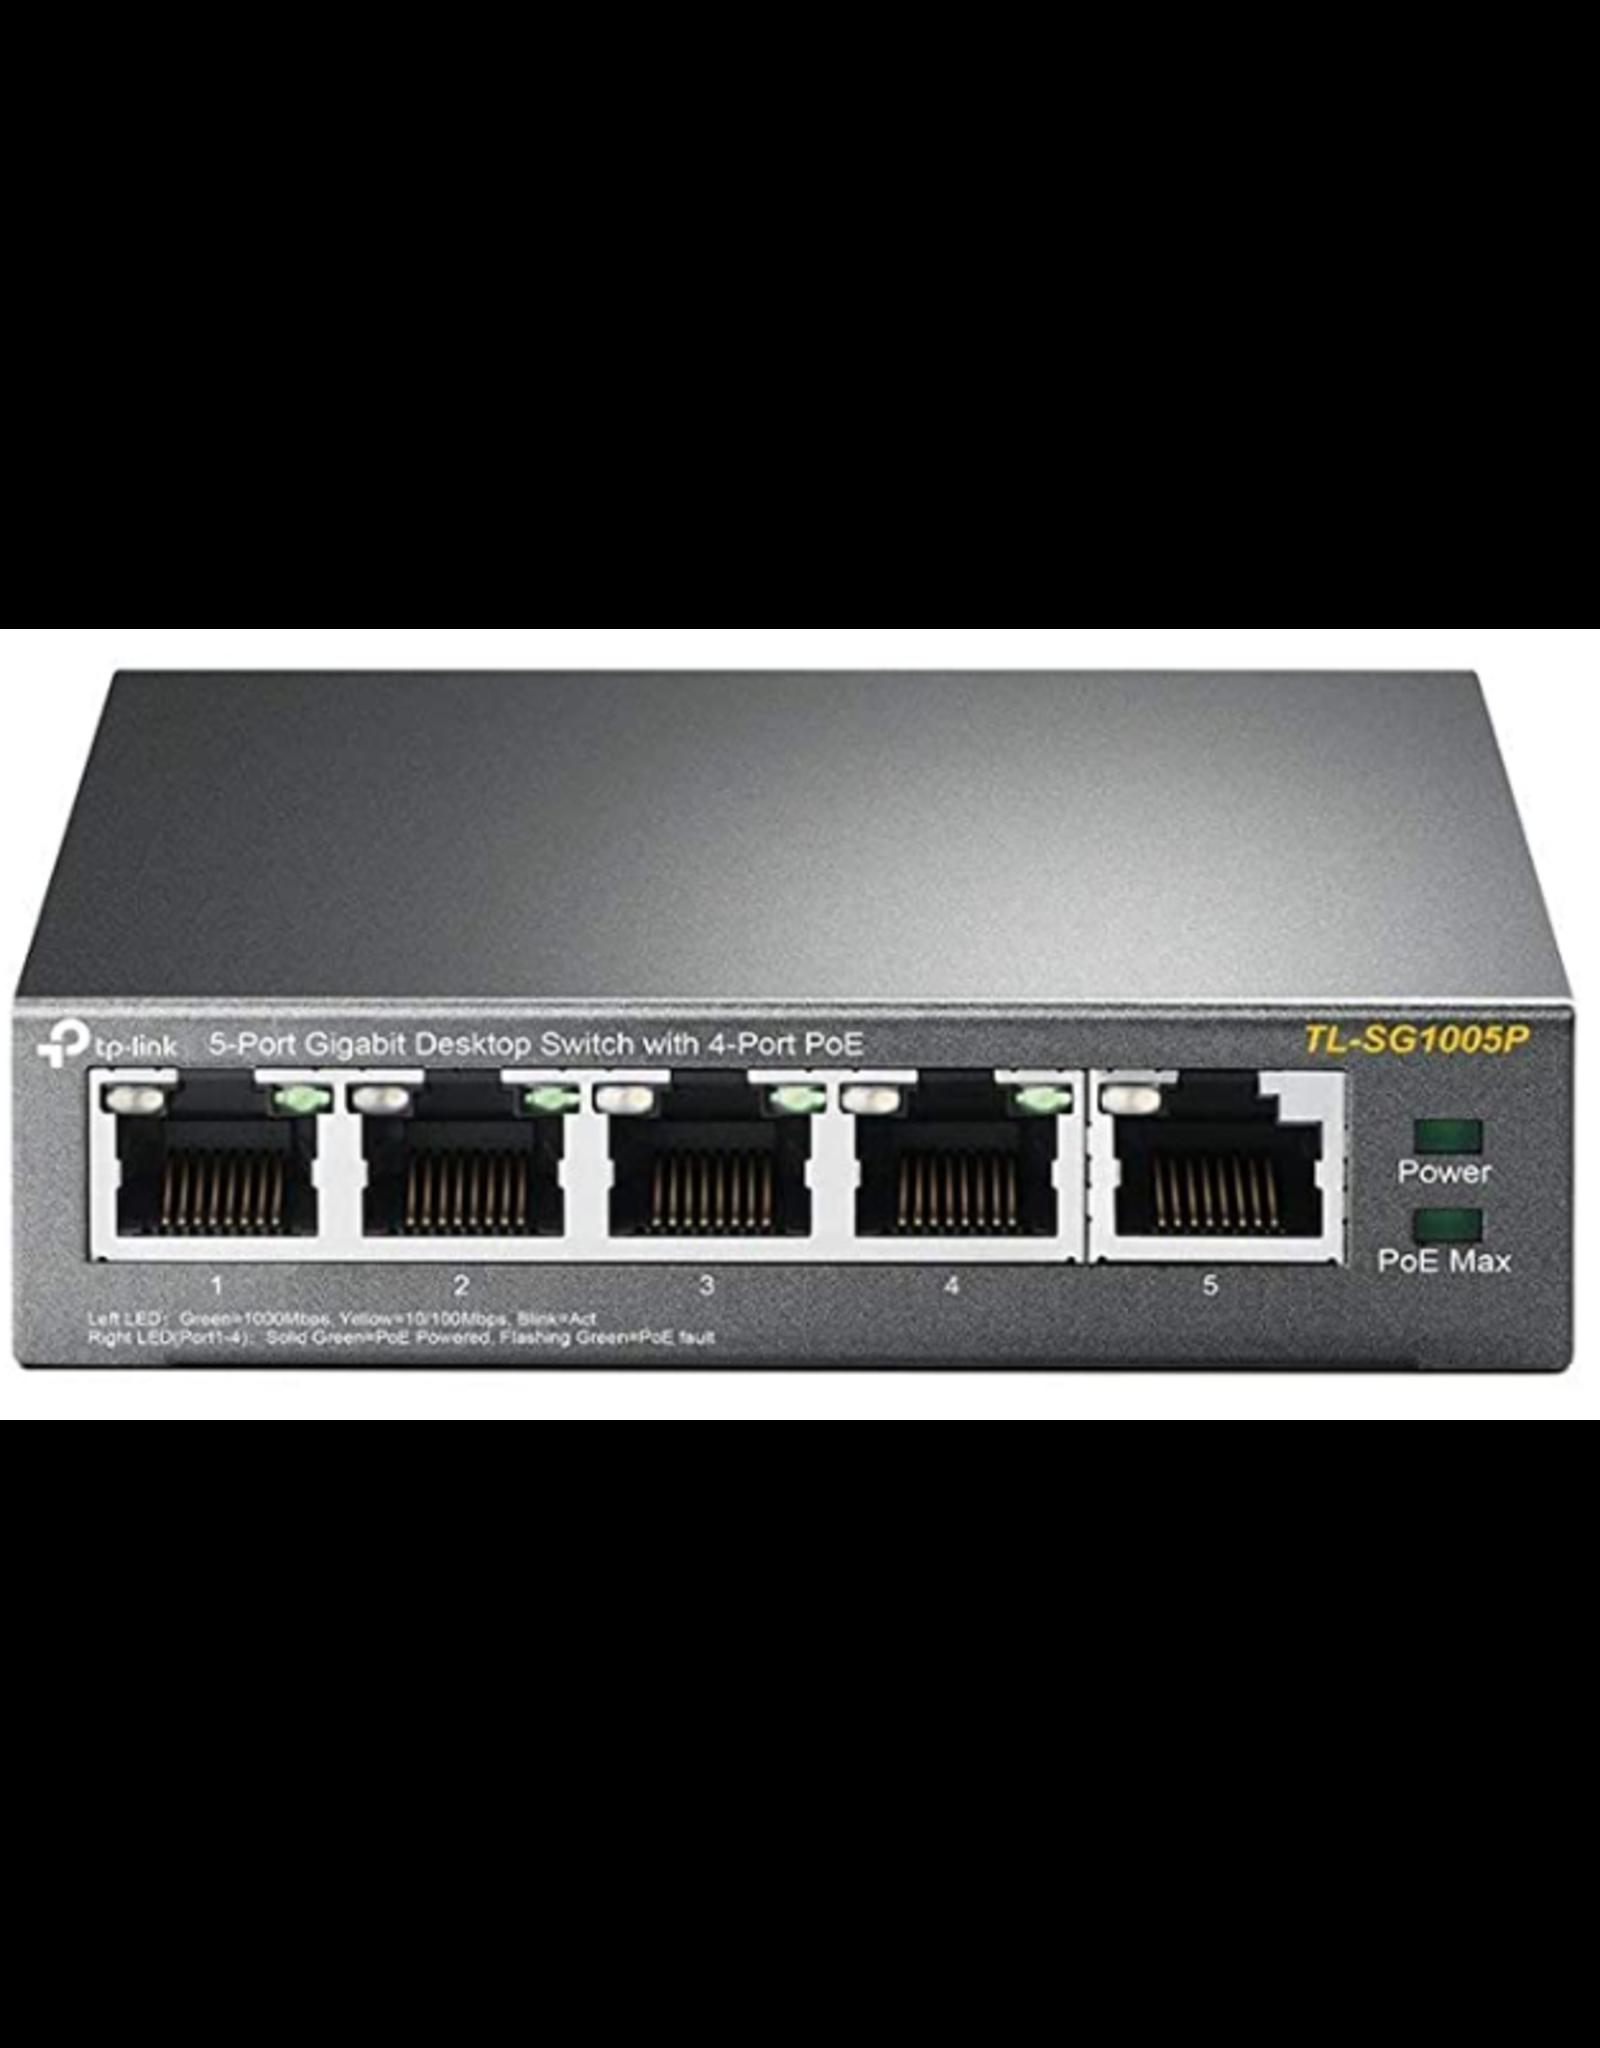 TP-Link TP-Link TL-SG1005P 5-Port Gigabit Desktop Switch with 4-Port PoE